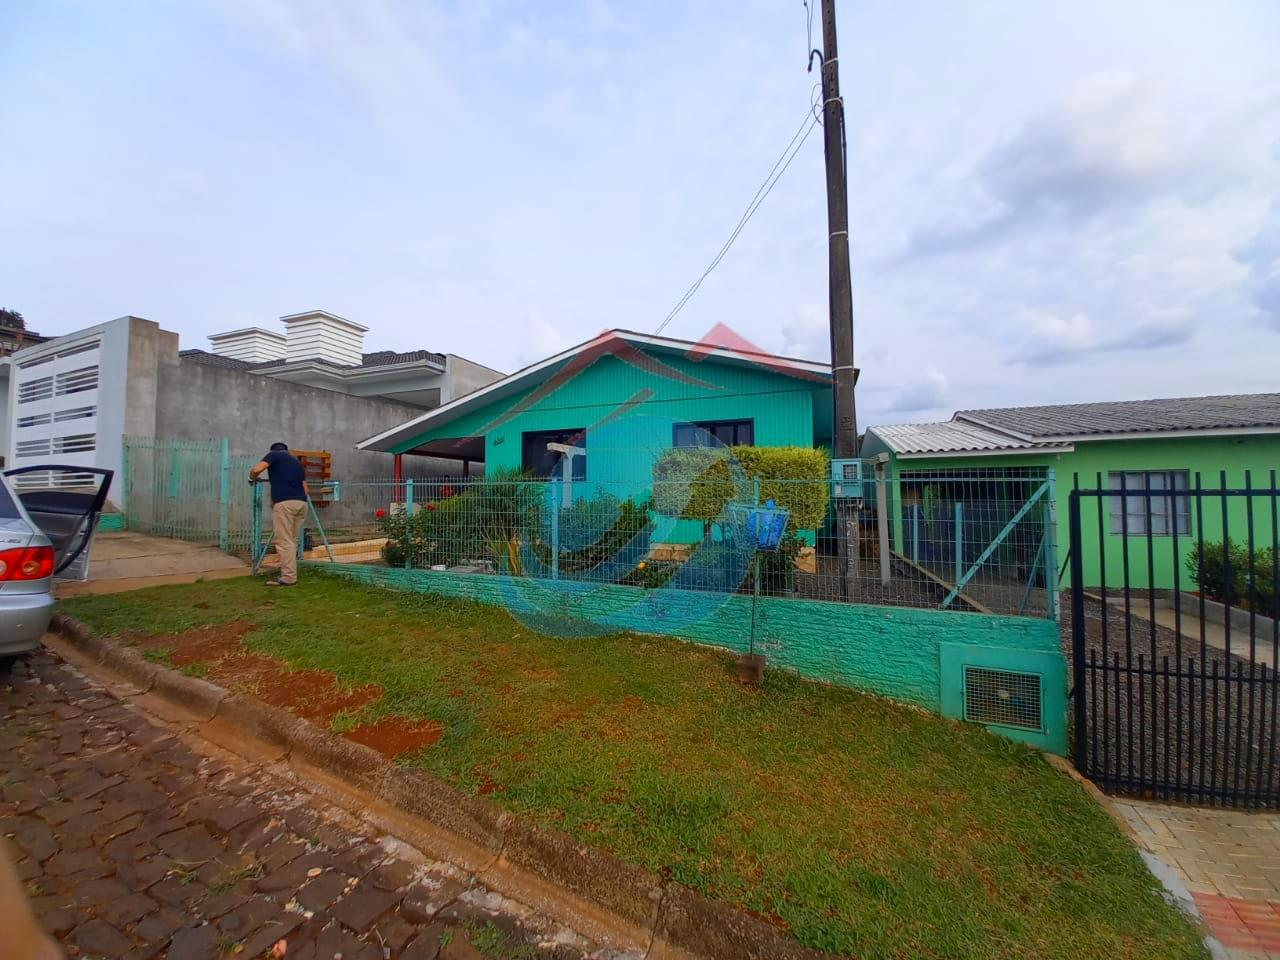 Casa com 3 dormitórios à venda, Cruzeiro, SAO LOURENCO DO OESTE - SC